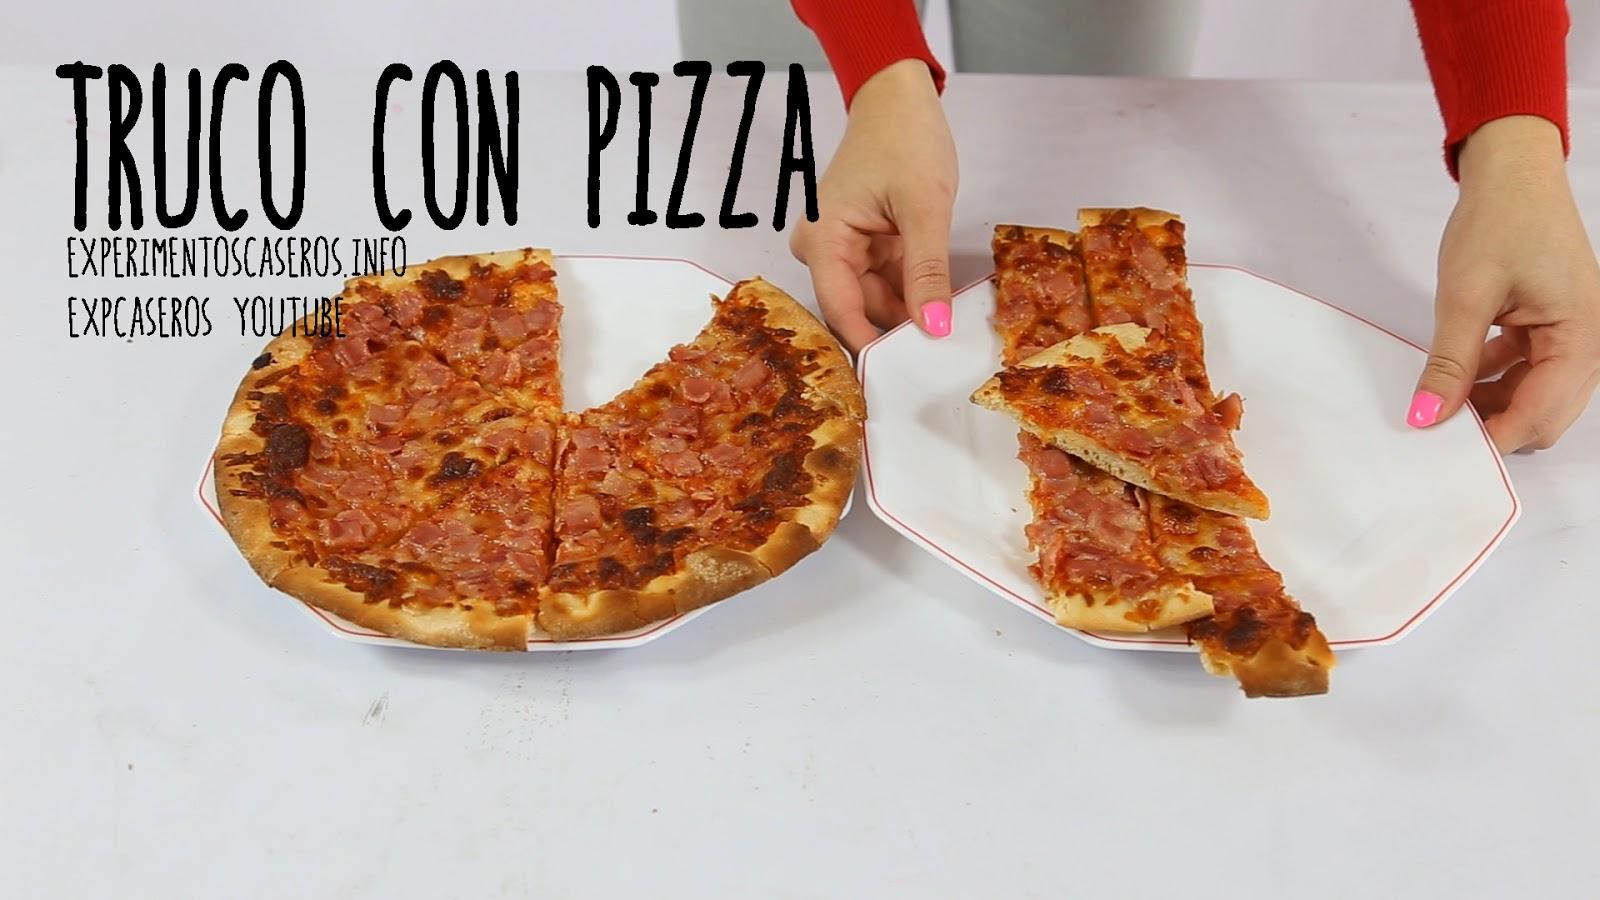 Cómo quedarte con el trozo de pizza más grande, experimentos caseros, experimento casero, experimentos, experimento, experimentos sencillos, experimentos fáciles, ciencia, ciencia en casa, experimentos de ciencia, experimentos de física, experimentos de química, experimentos para niños, experimentos caseros para niños, feria de ciencias, tarea de física, cómo robar pizza sin que te pillen, cómo robar pizza sin que se entere nadie, cómo robar pizza sin que se den cuenta, How to Steal Pizza